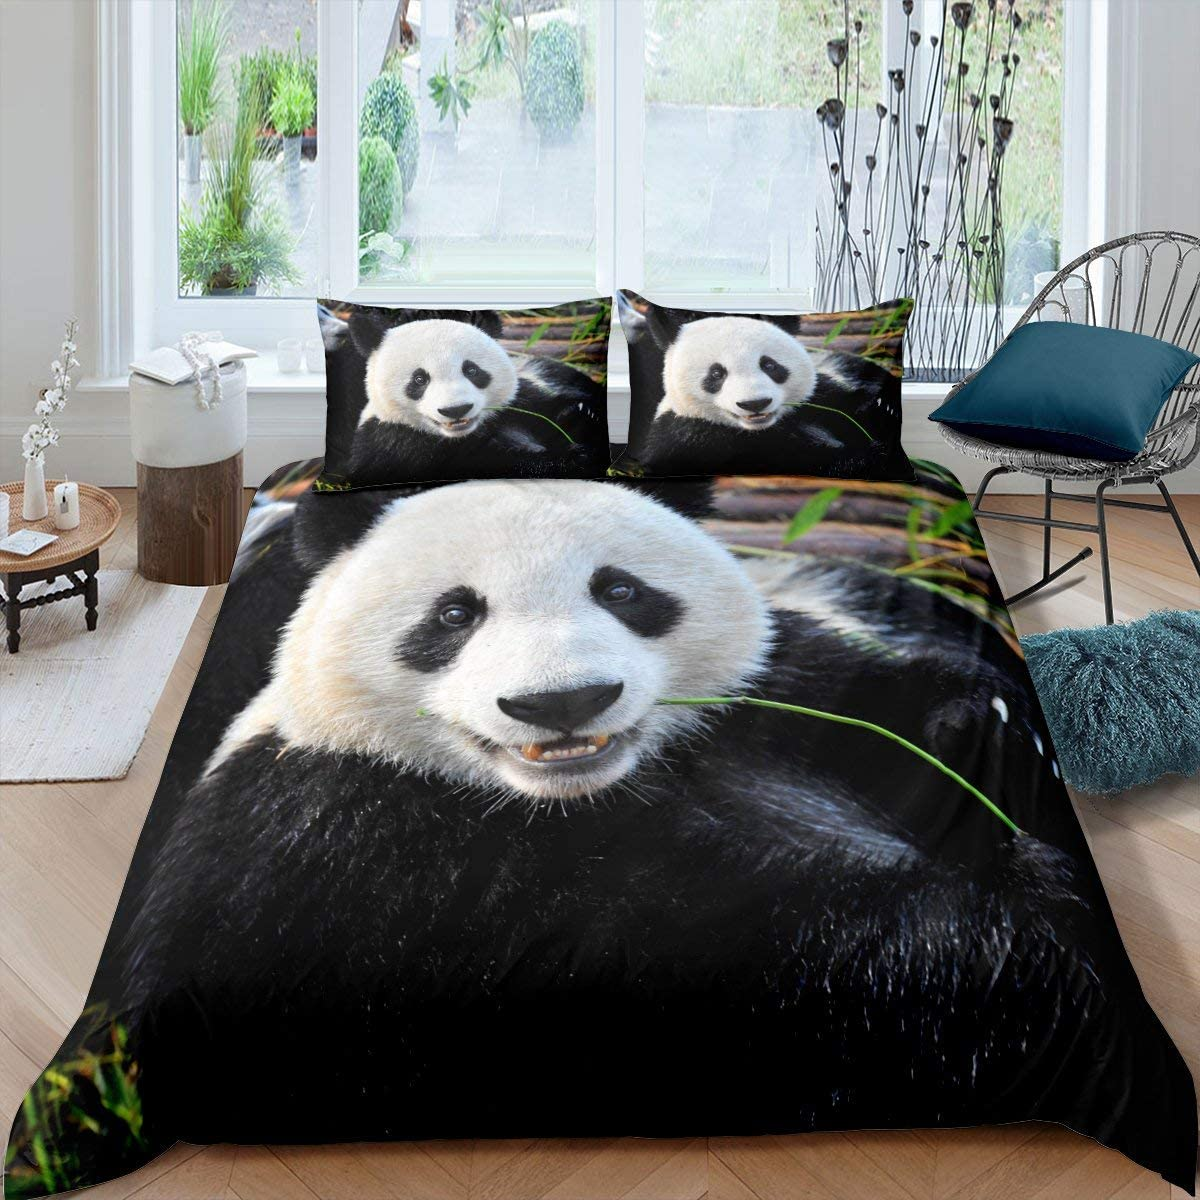 Erosebridal 3D Panda Comforter Cover Queen Size Cute Panda Duvet Cover Bamboo Bedding Set Black White Bear Quilt Cover for Kids Boys Girls Teens for Bedroom Decorative, Trendy Duvet Cover